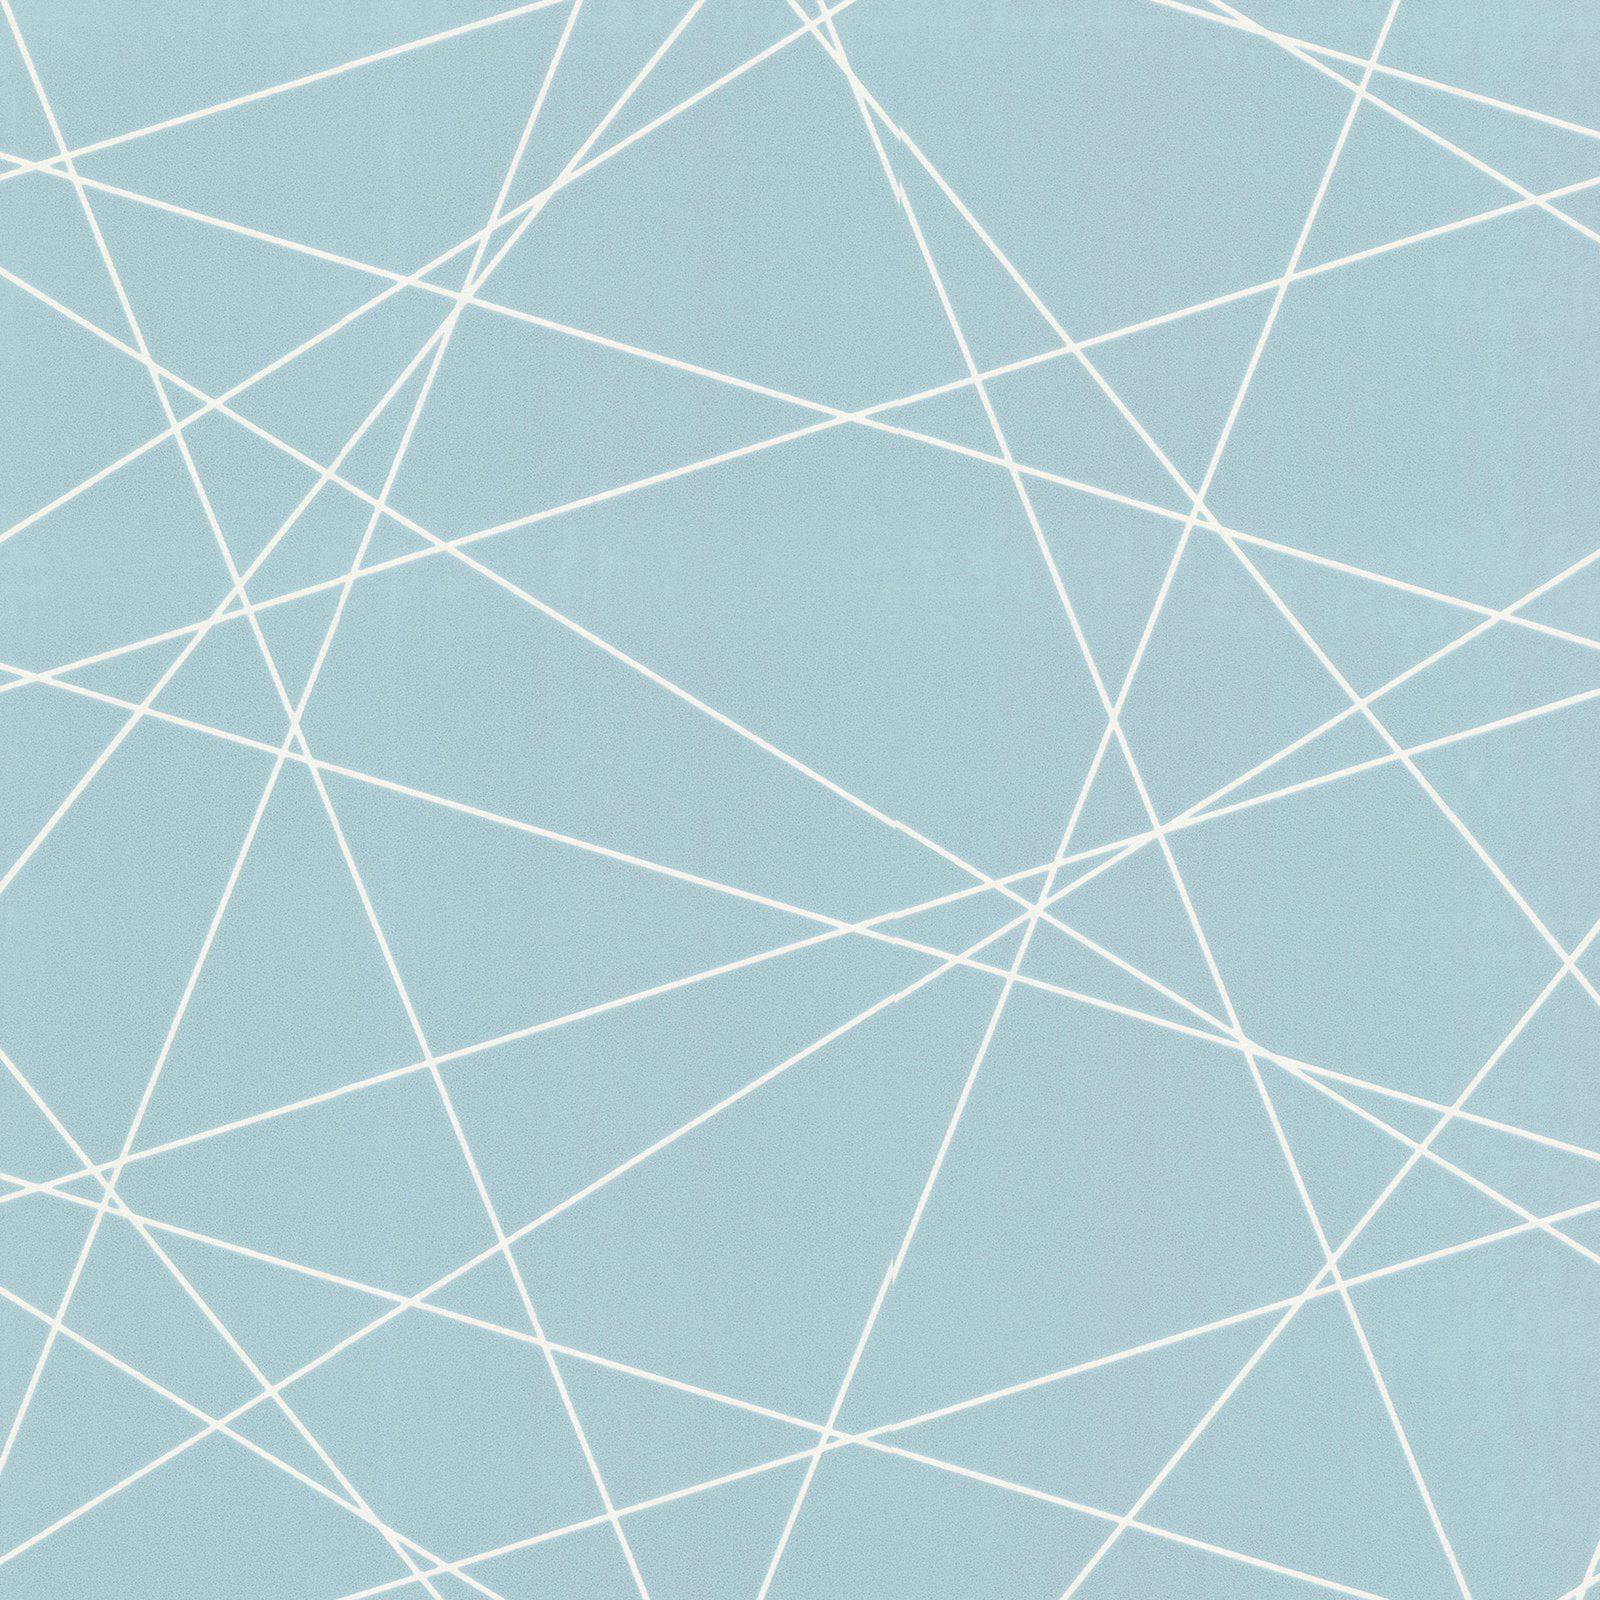 Decorline Magritte Light Blue Criss Cross Geo Wallpaper Walmartcom